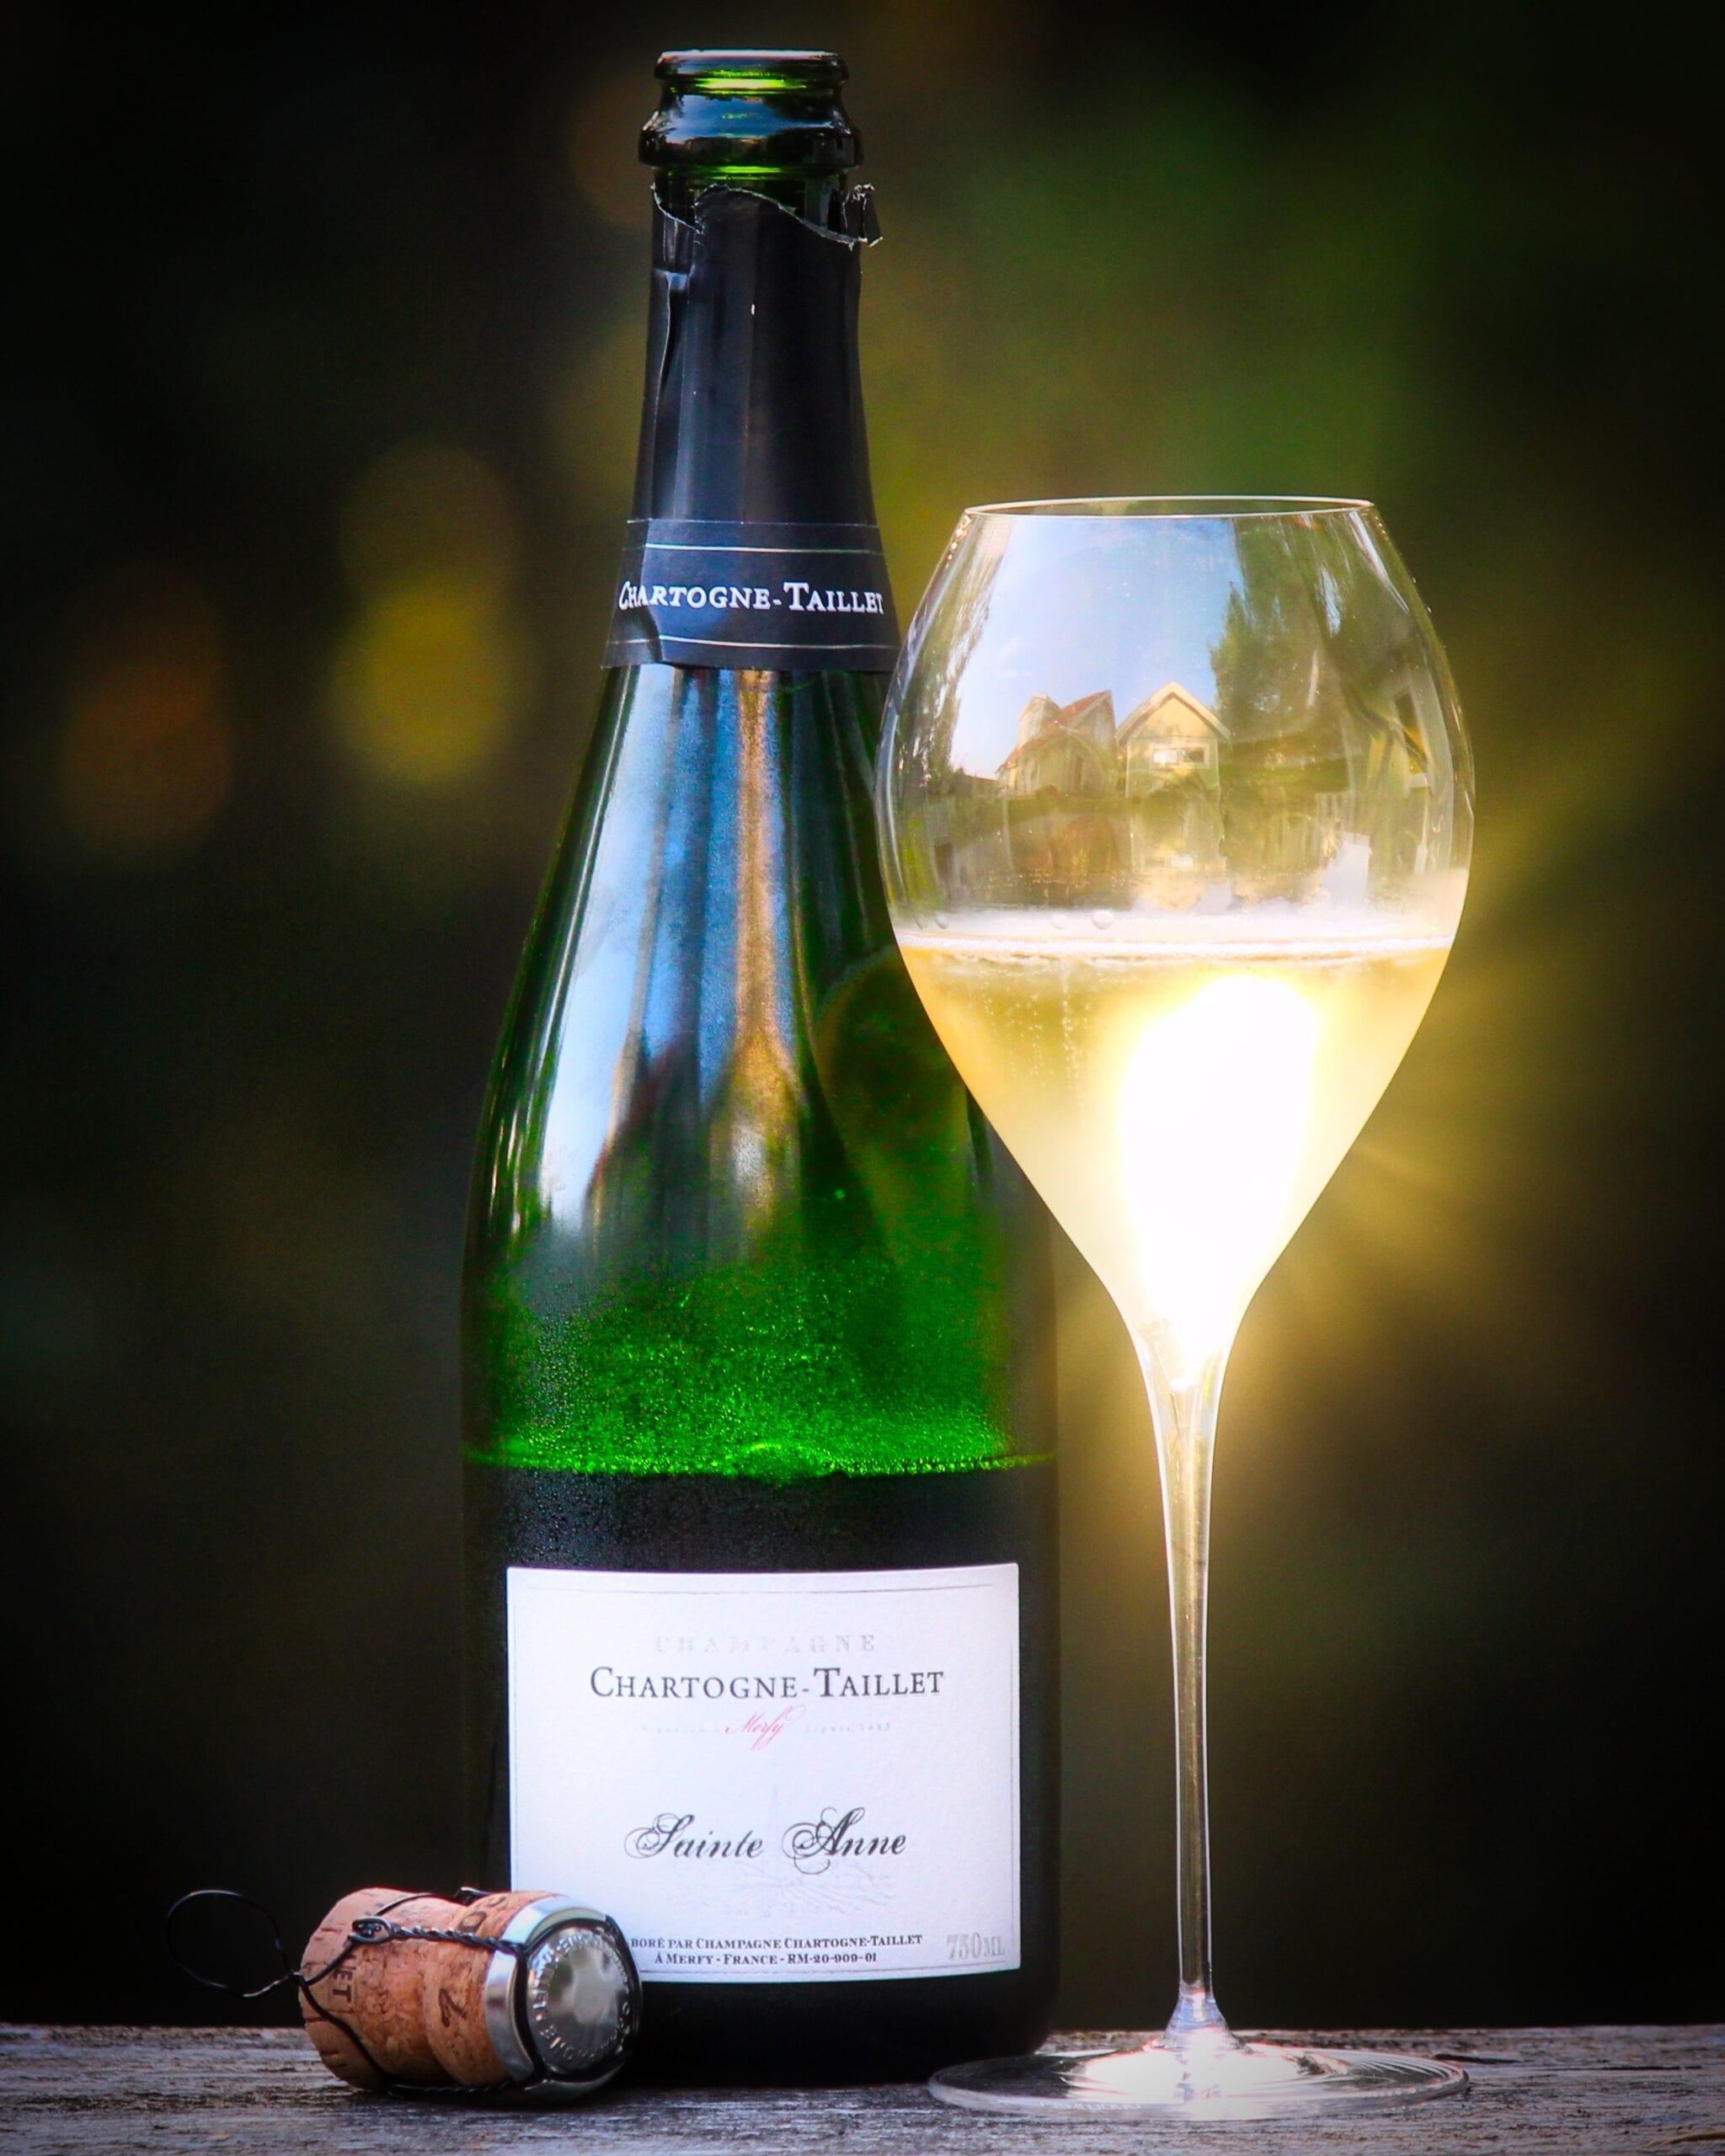 Chartogne-Taillet Cuvée Sainte Anne